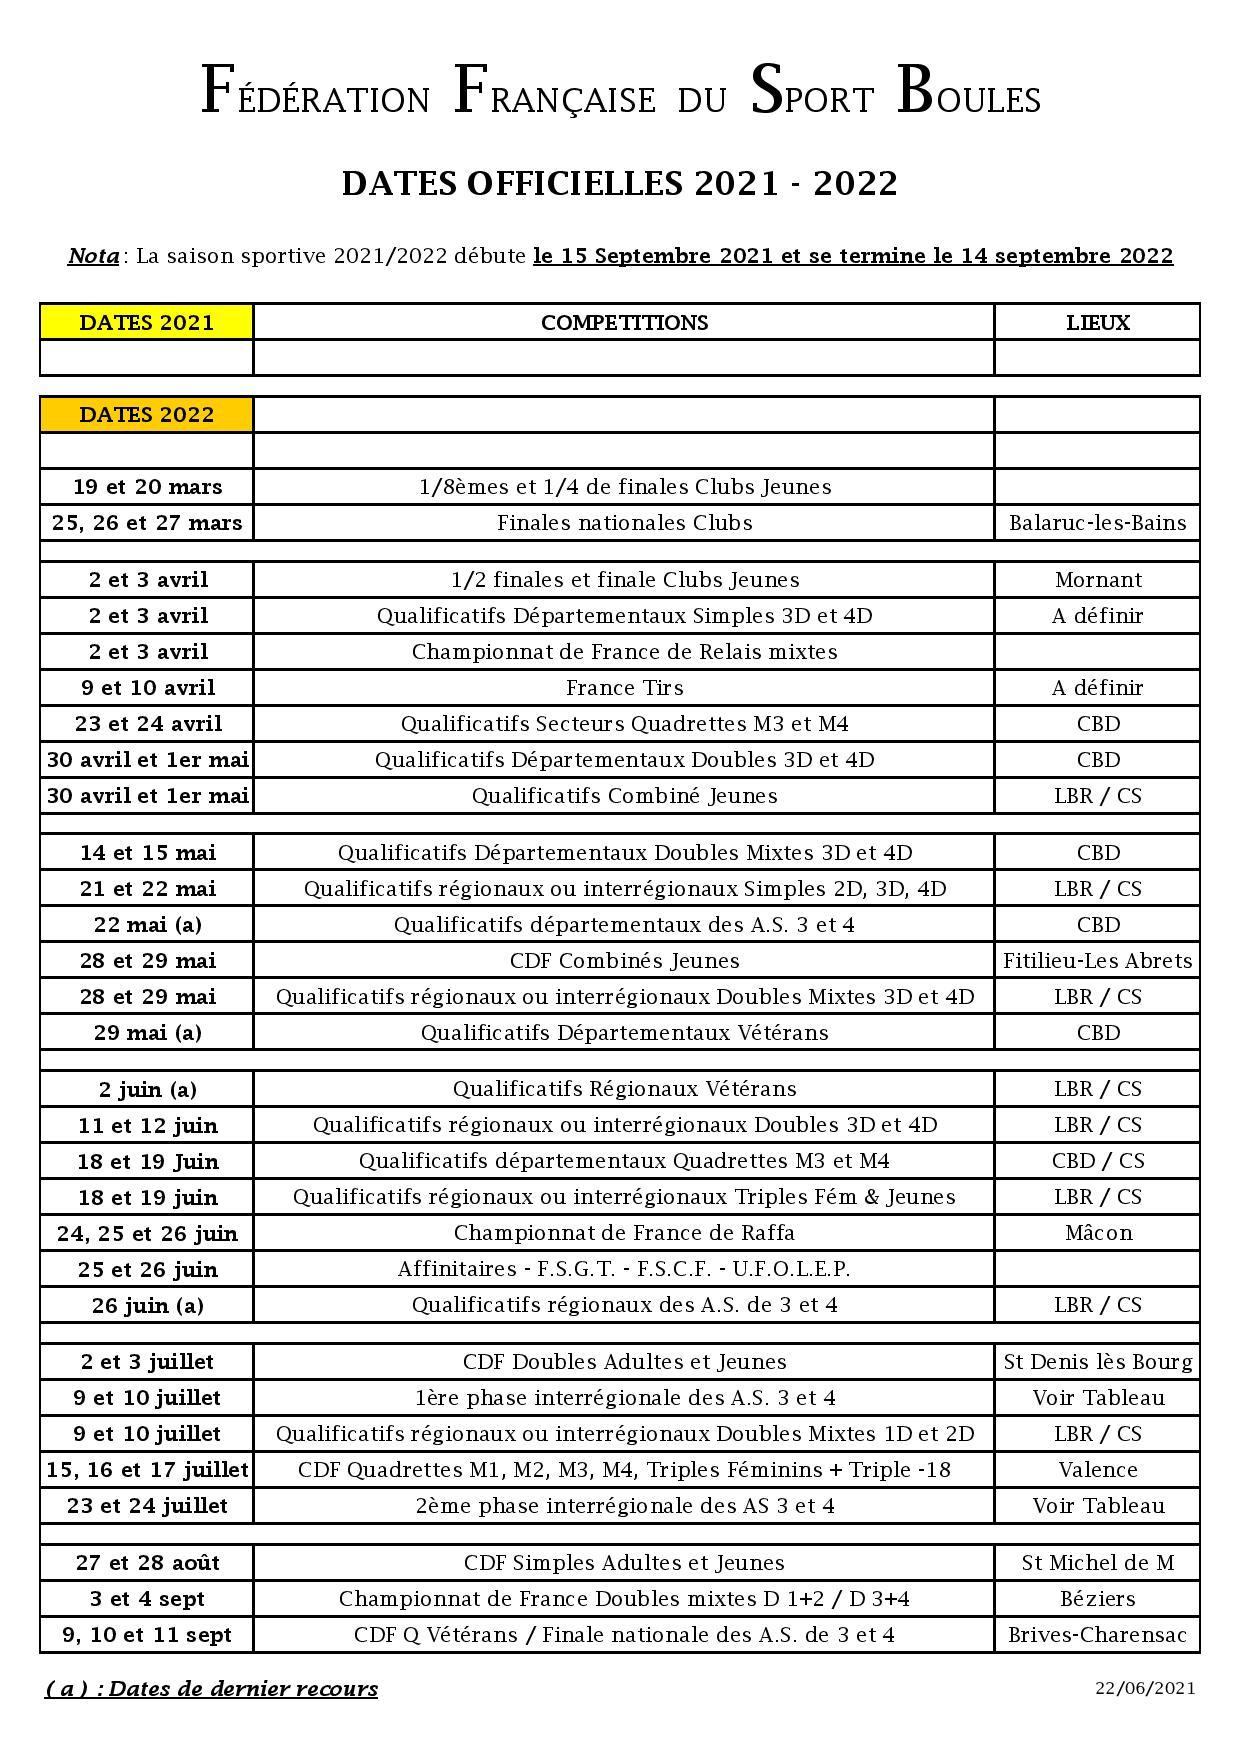 Dates officielles 2021-22 version 22062021-page-001.jpg